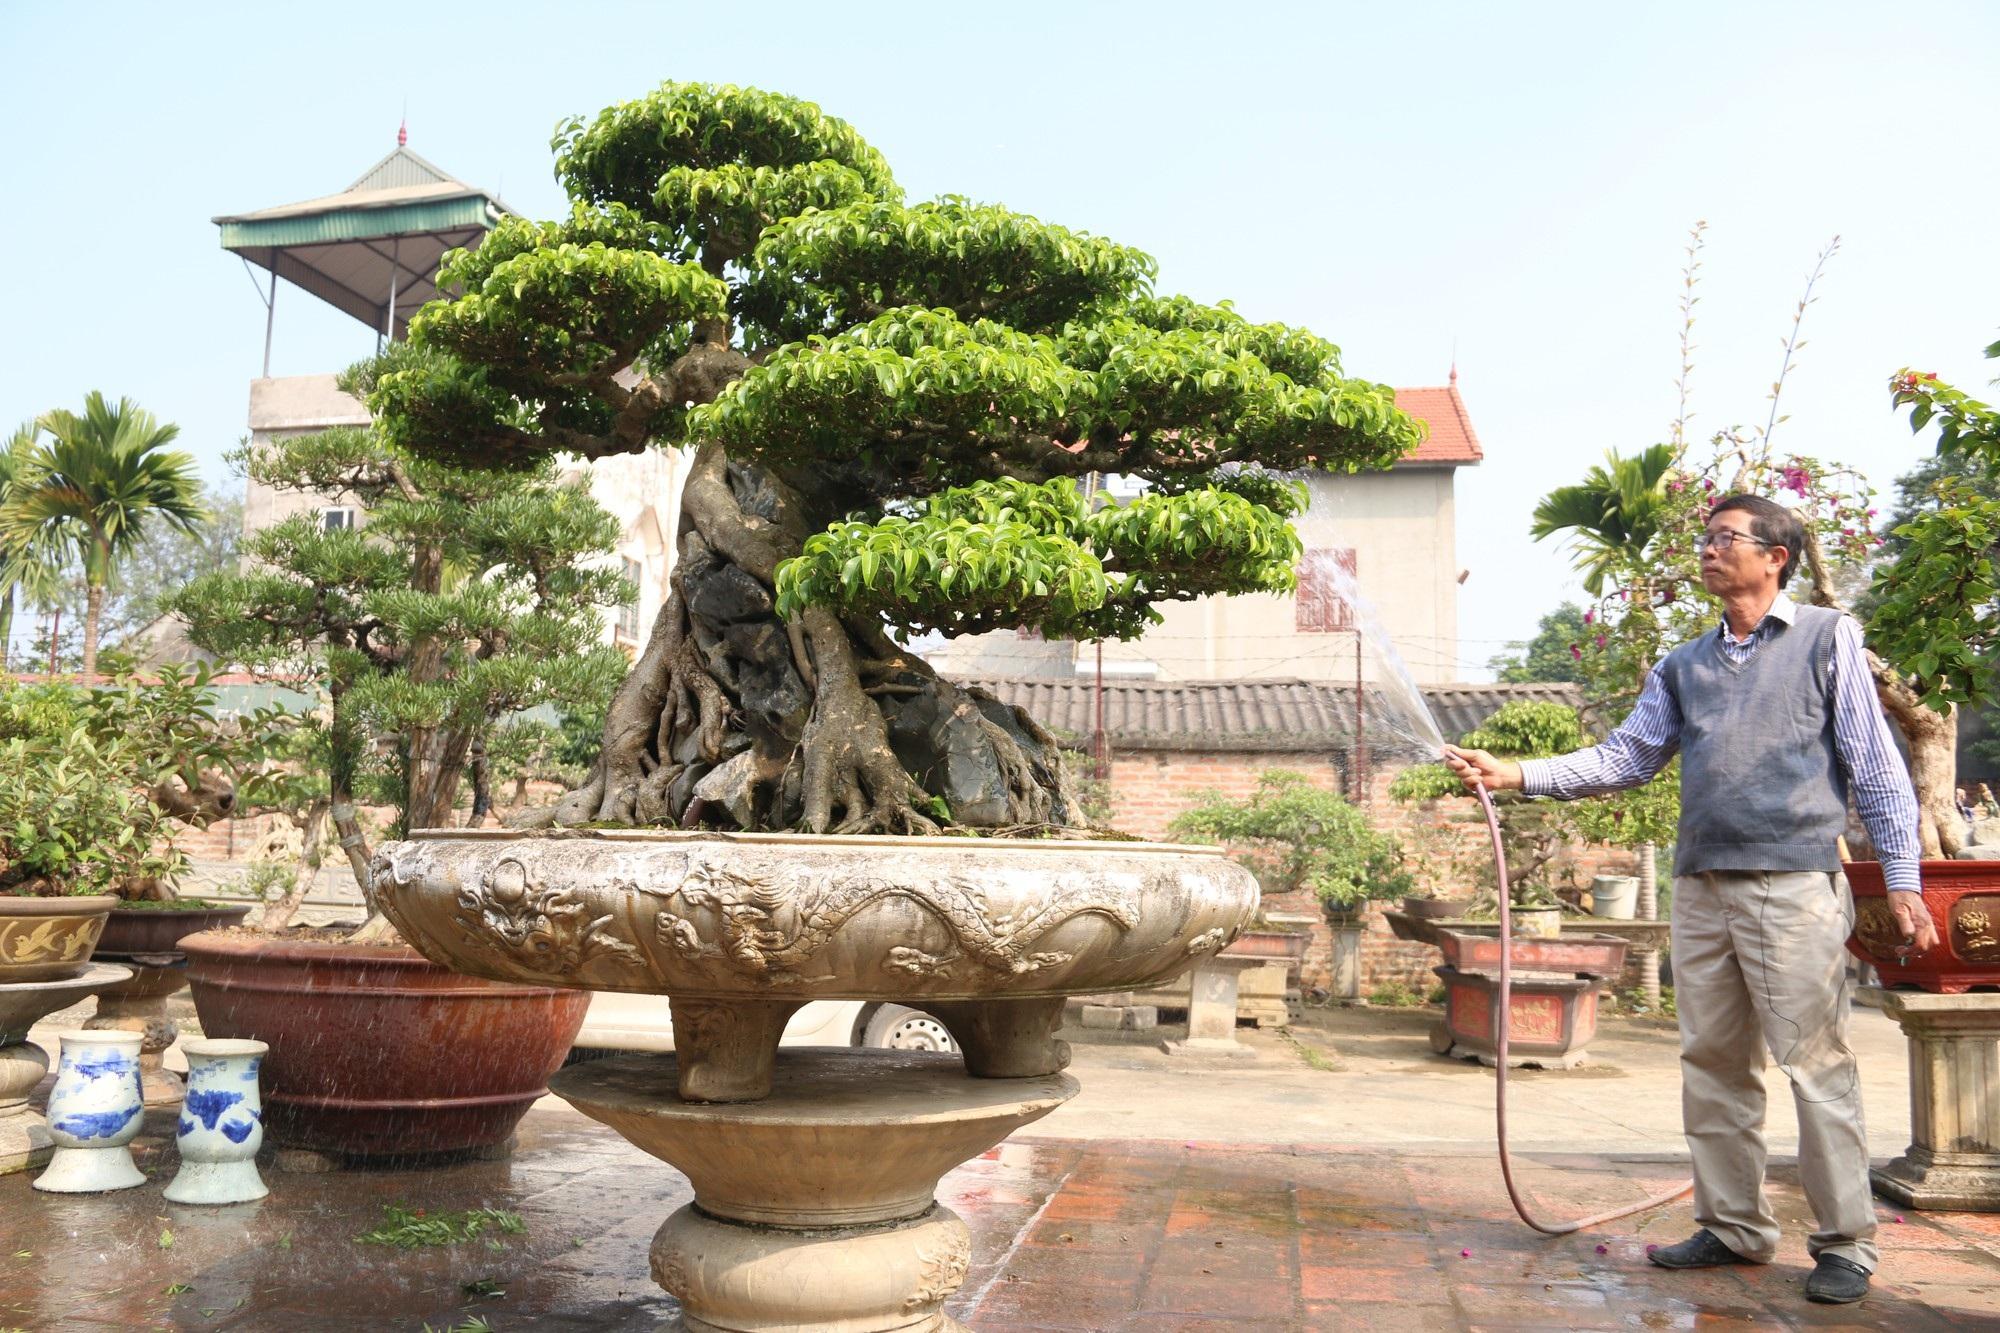 Chiêm ngưỡng sanh cổ dáng phượng giá triệu đô của ông vua cây cảnh Việt Nam - Ảnh 7.